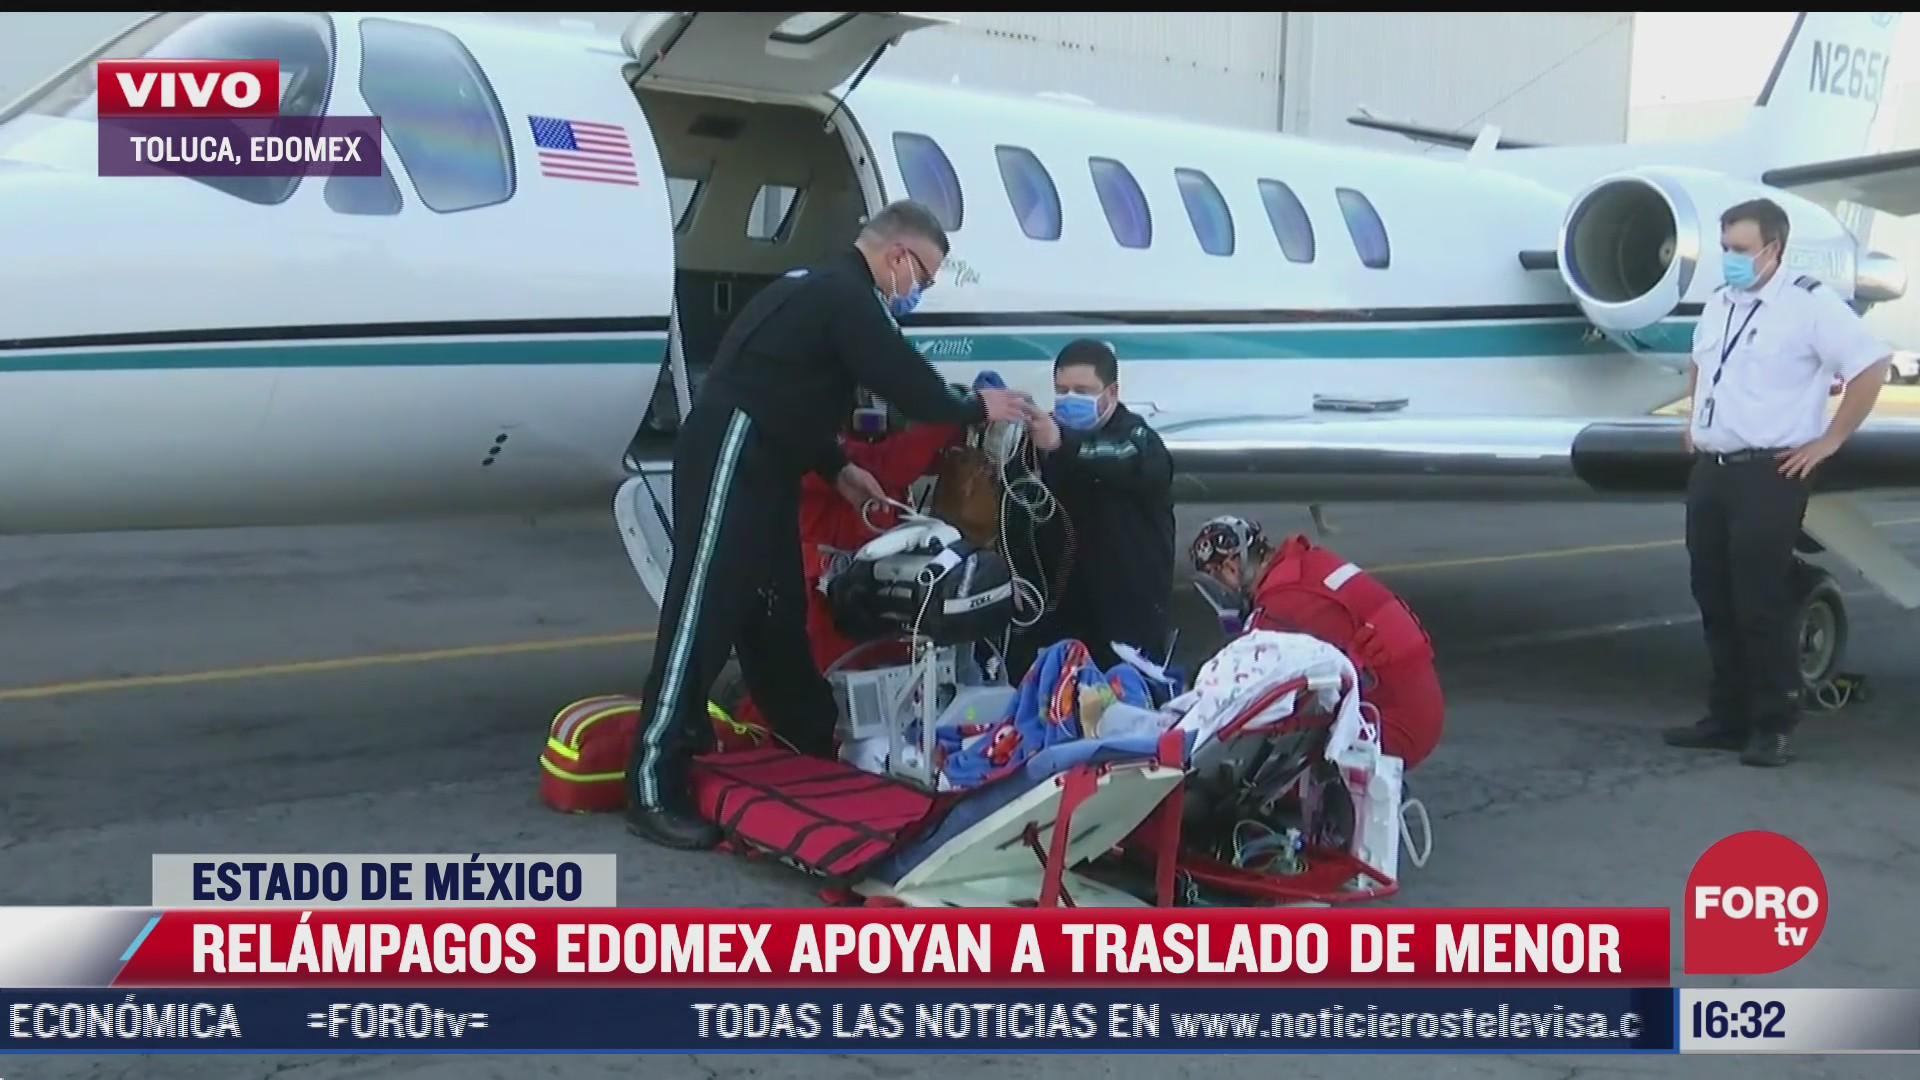 embajada de mexico en eeuu ayuda a nino migrante que requiere un trasplante